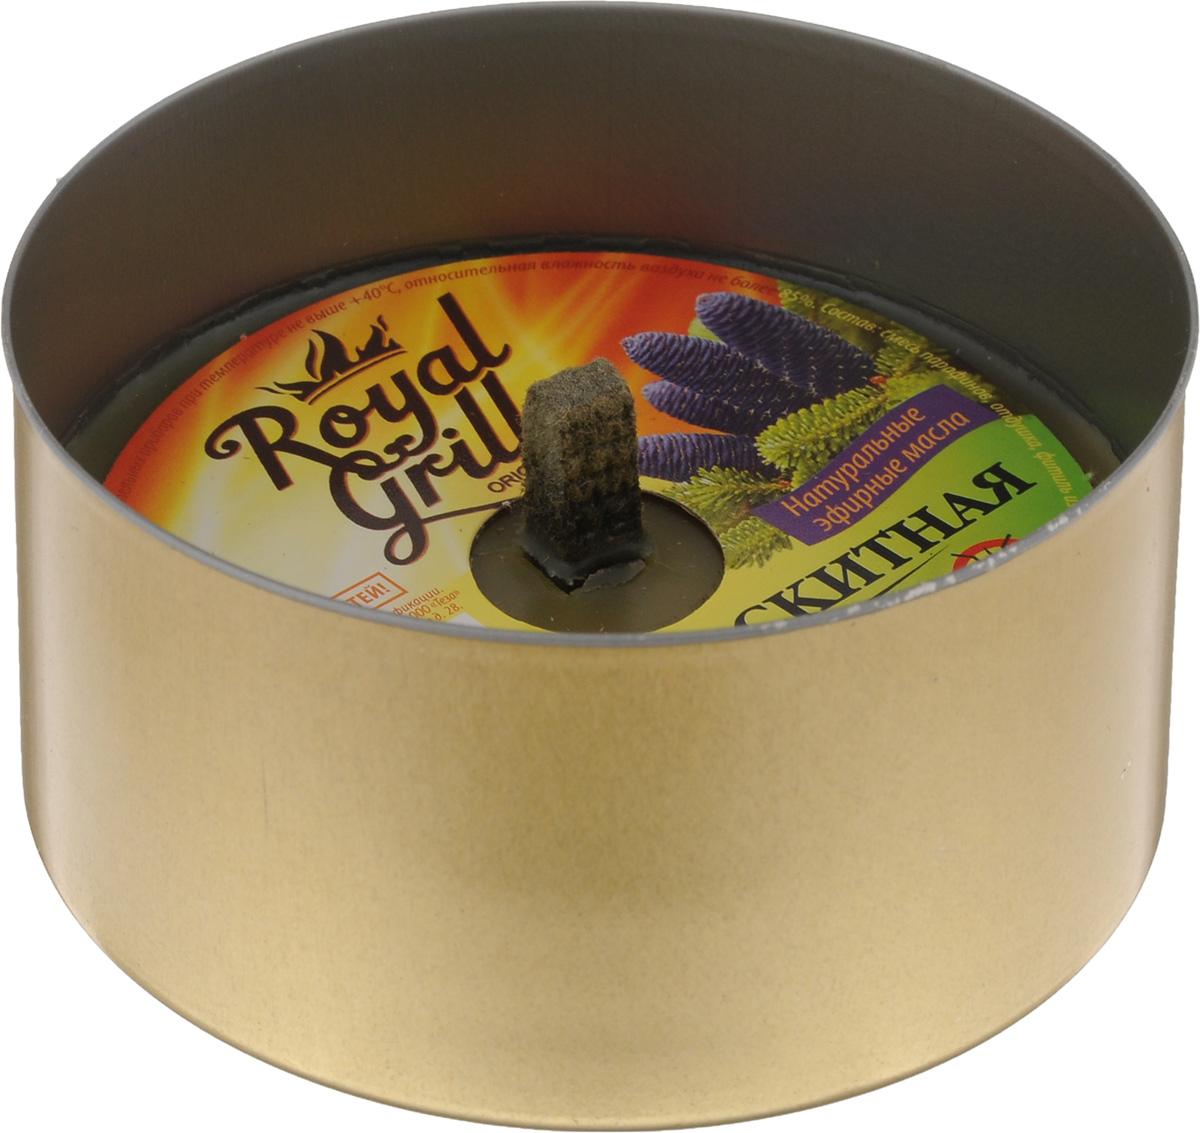 Свеча уличного освещения RoyalGrill Пихта, аромомоскитная80-141Свеча RoyalGrill Пихта используются для освещения и придания уютной обстановки на даче, на открытом воздухе, в походе, на пикниках, для освещения дорожек на участках или около палаток, в беседках или при отсутствии света. Любое применение в виде освещения на открытом воздухе. Обладает эффектом для отпугивания комаров и мошек.